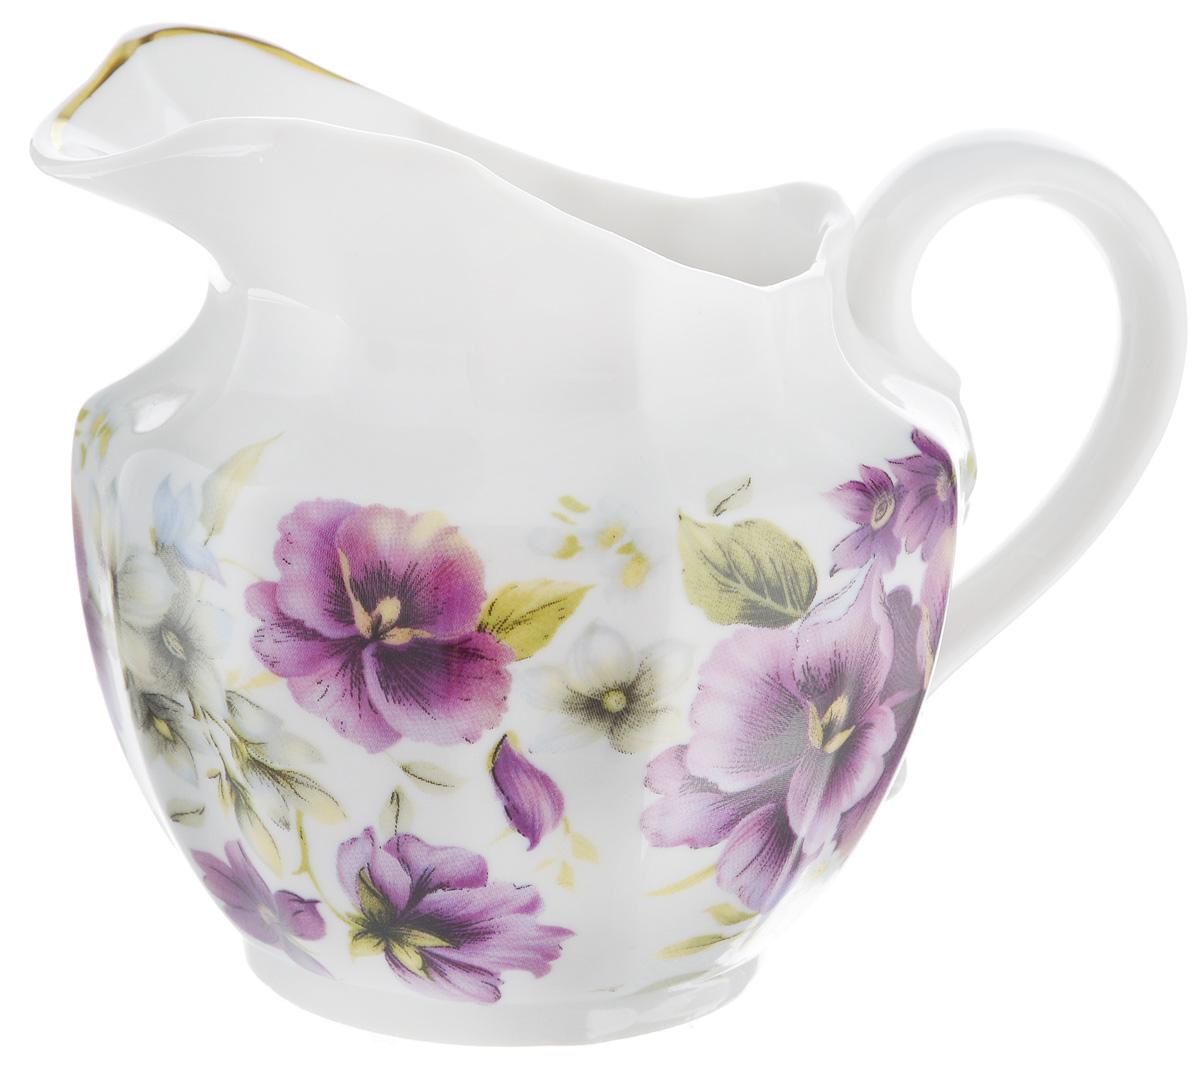 Сливочник Фарфор Вербилок Фиалки, 350 мл7983154Сливочник Фарфор Вербилок Фиалки выполнен из высококачественного фарфора и декорирован рисунком с изображением цветов. Это изделие предназначено для того, чтобы красиво и аппетитно подавать на стол сливки или молоко к чаю, кофе, супу или фруктам.Размер сливочника (по верхнему краю): 9 х 7 см.Высота сливочника: 10 см.